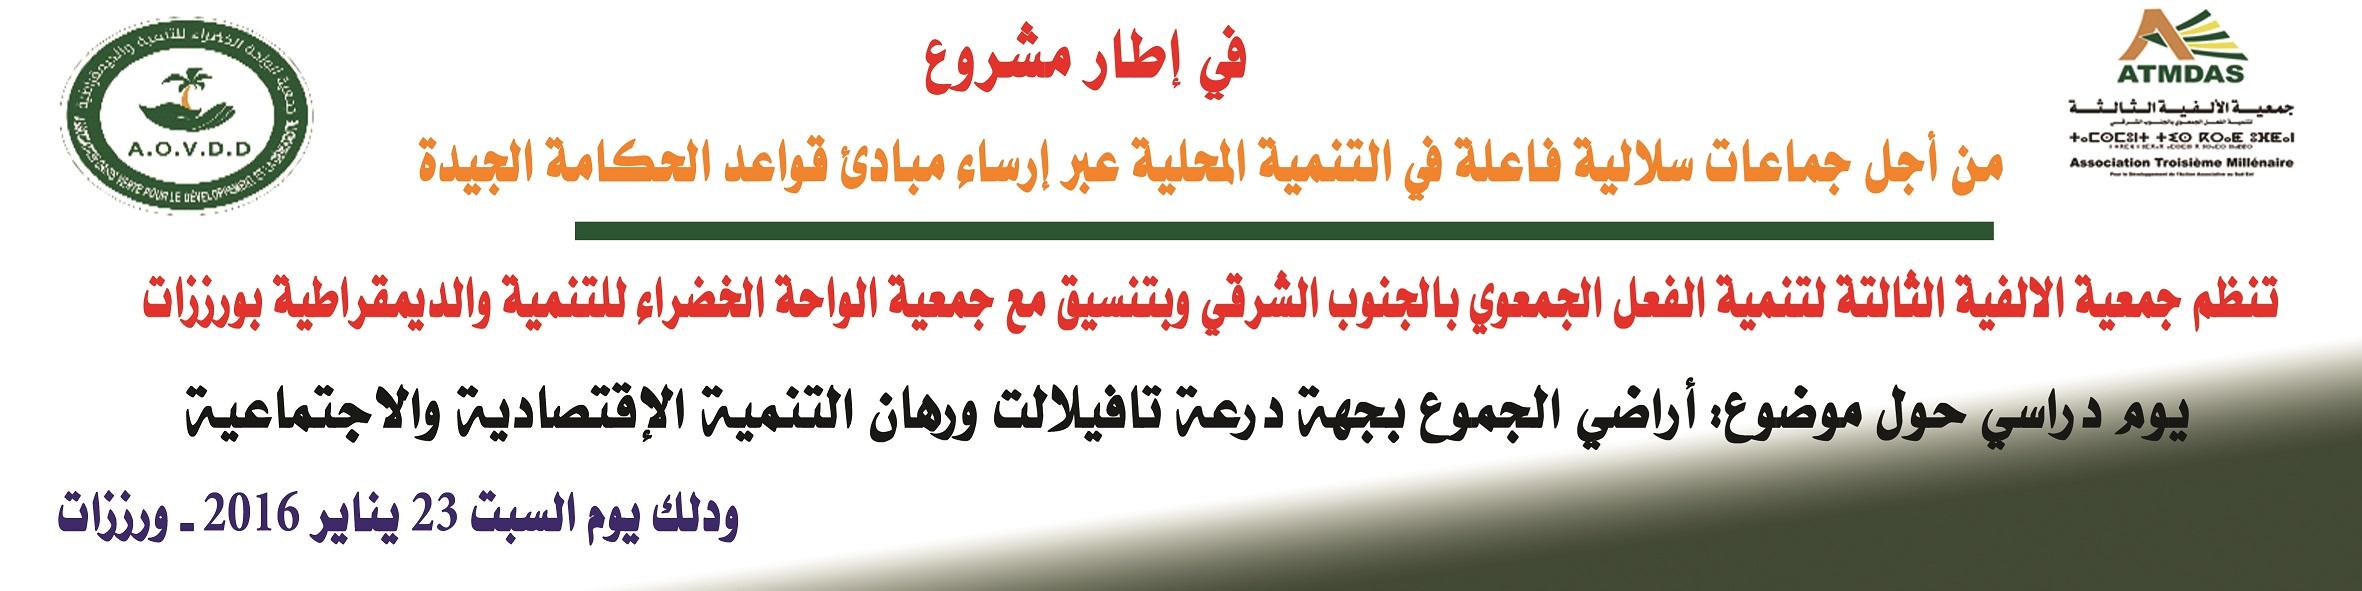 جمعية الواحة الخضراء للتنمية  والديمقراطية ورزازات